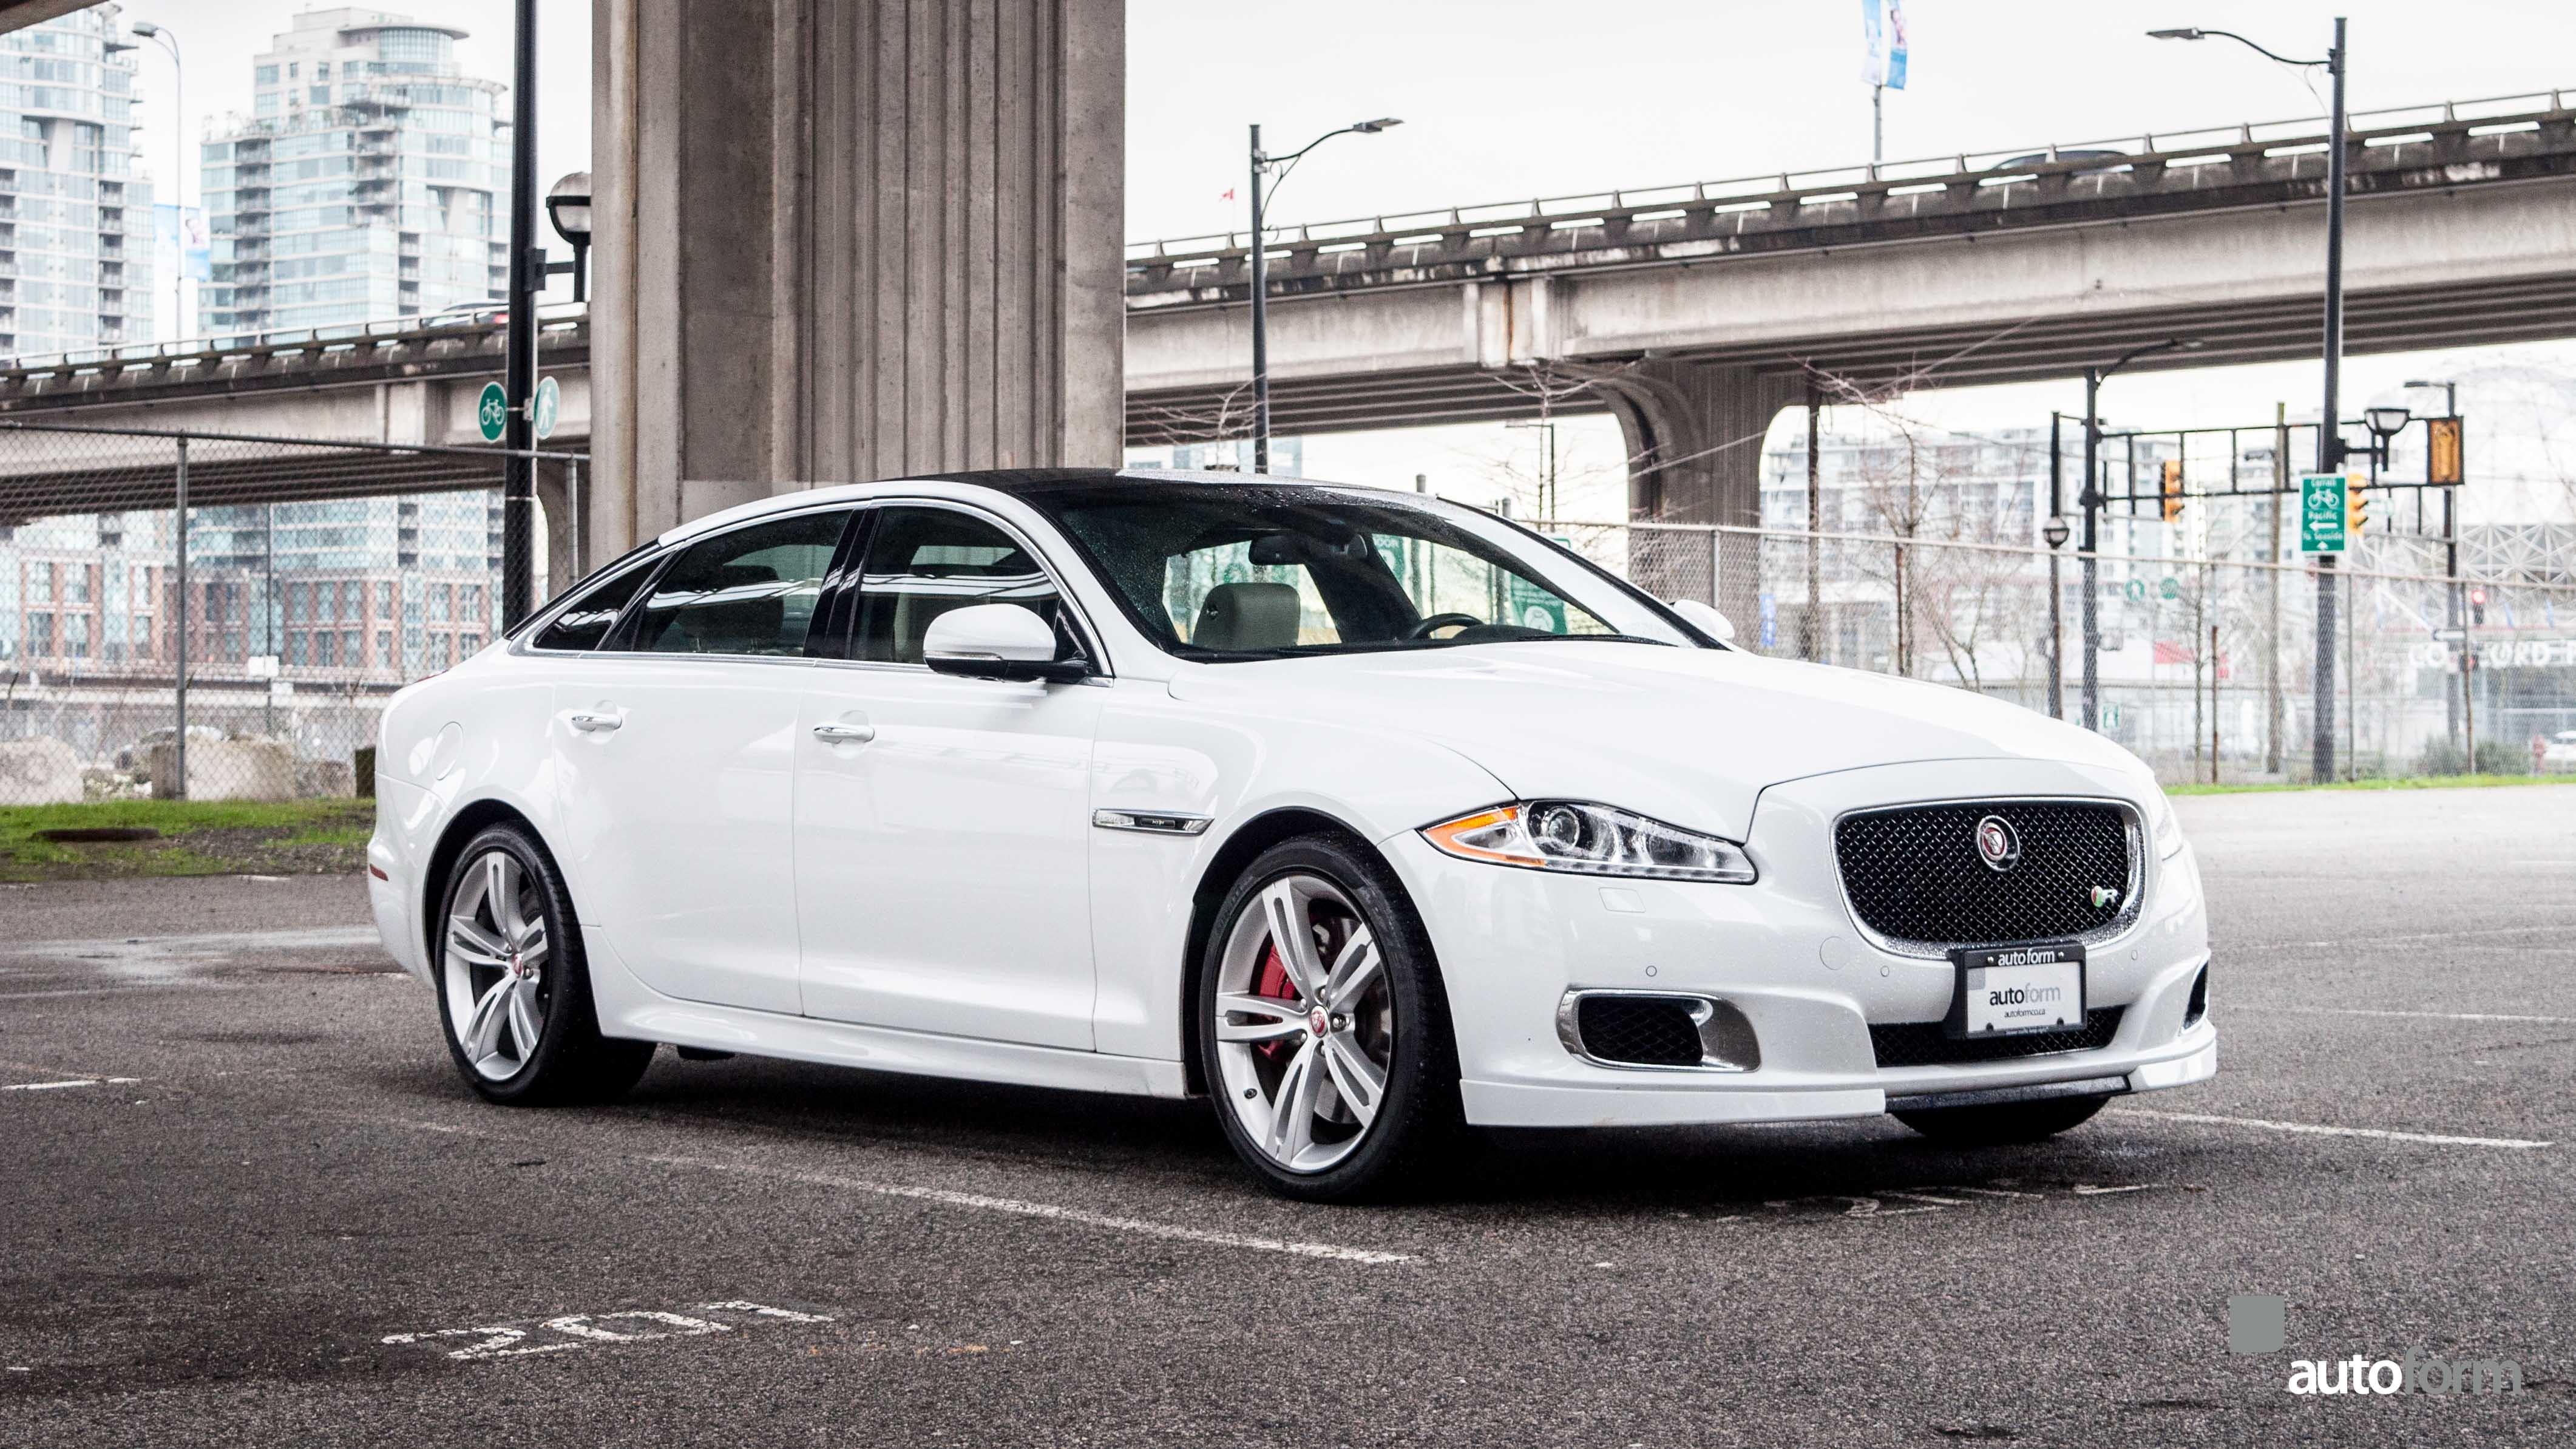 limousine can the jaguar s beat series it bmw m car bild paket vergleich new xf review